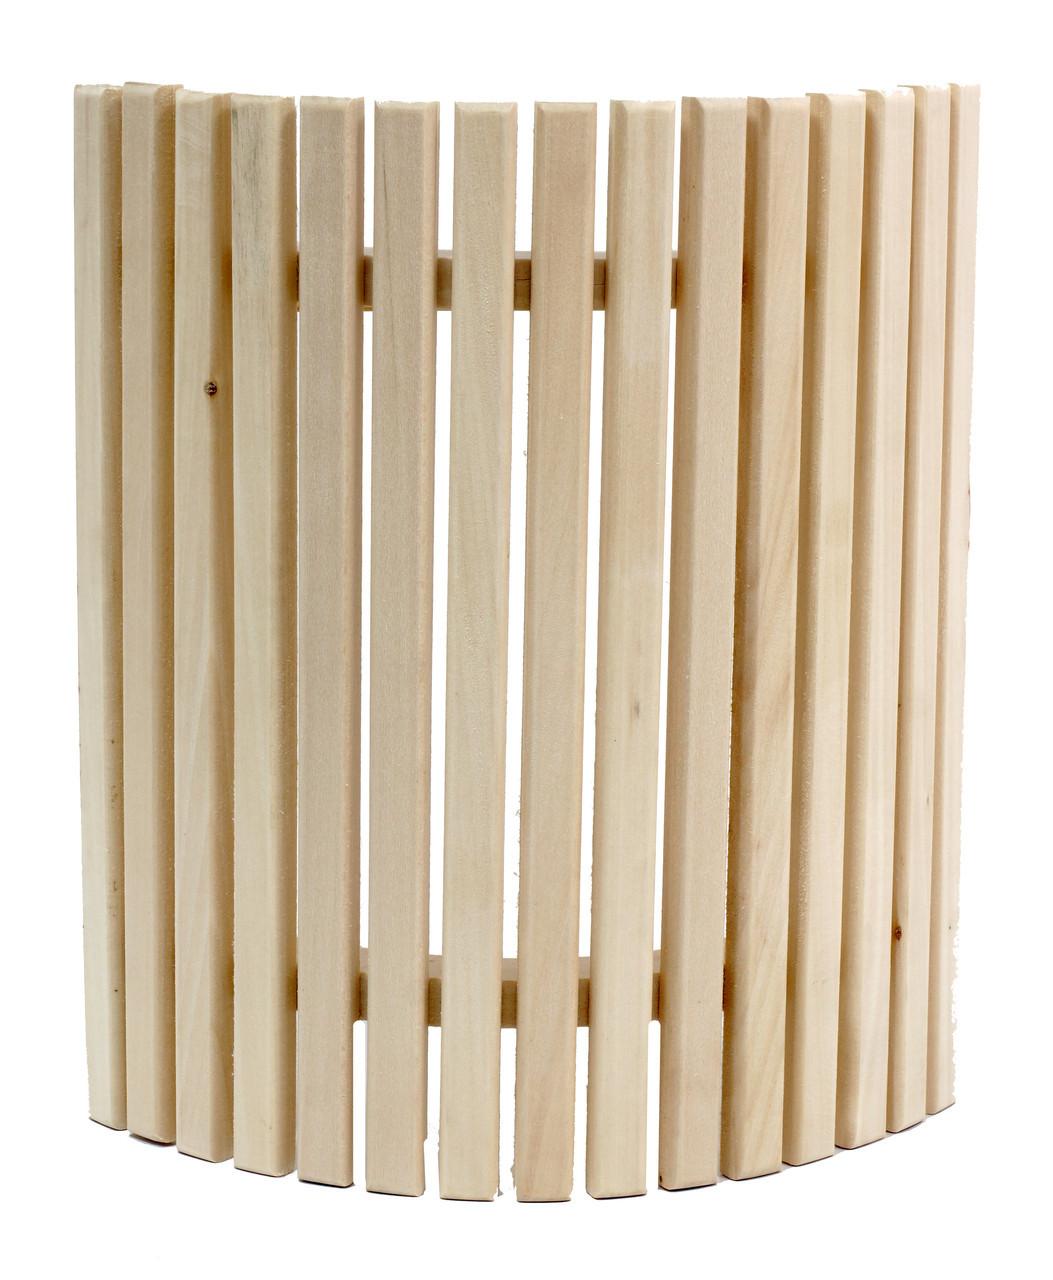 Ограждение светильника угловое для бани и сауны (липа)